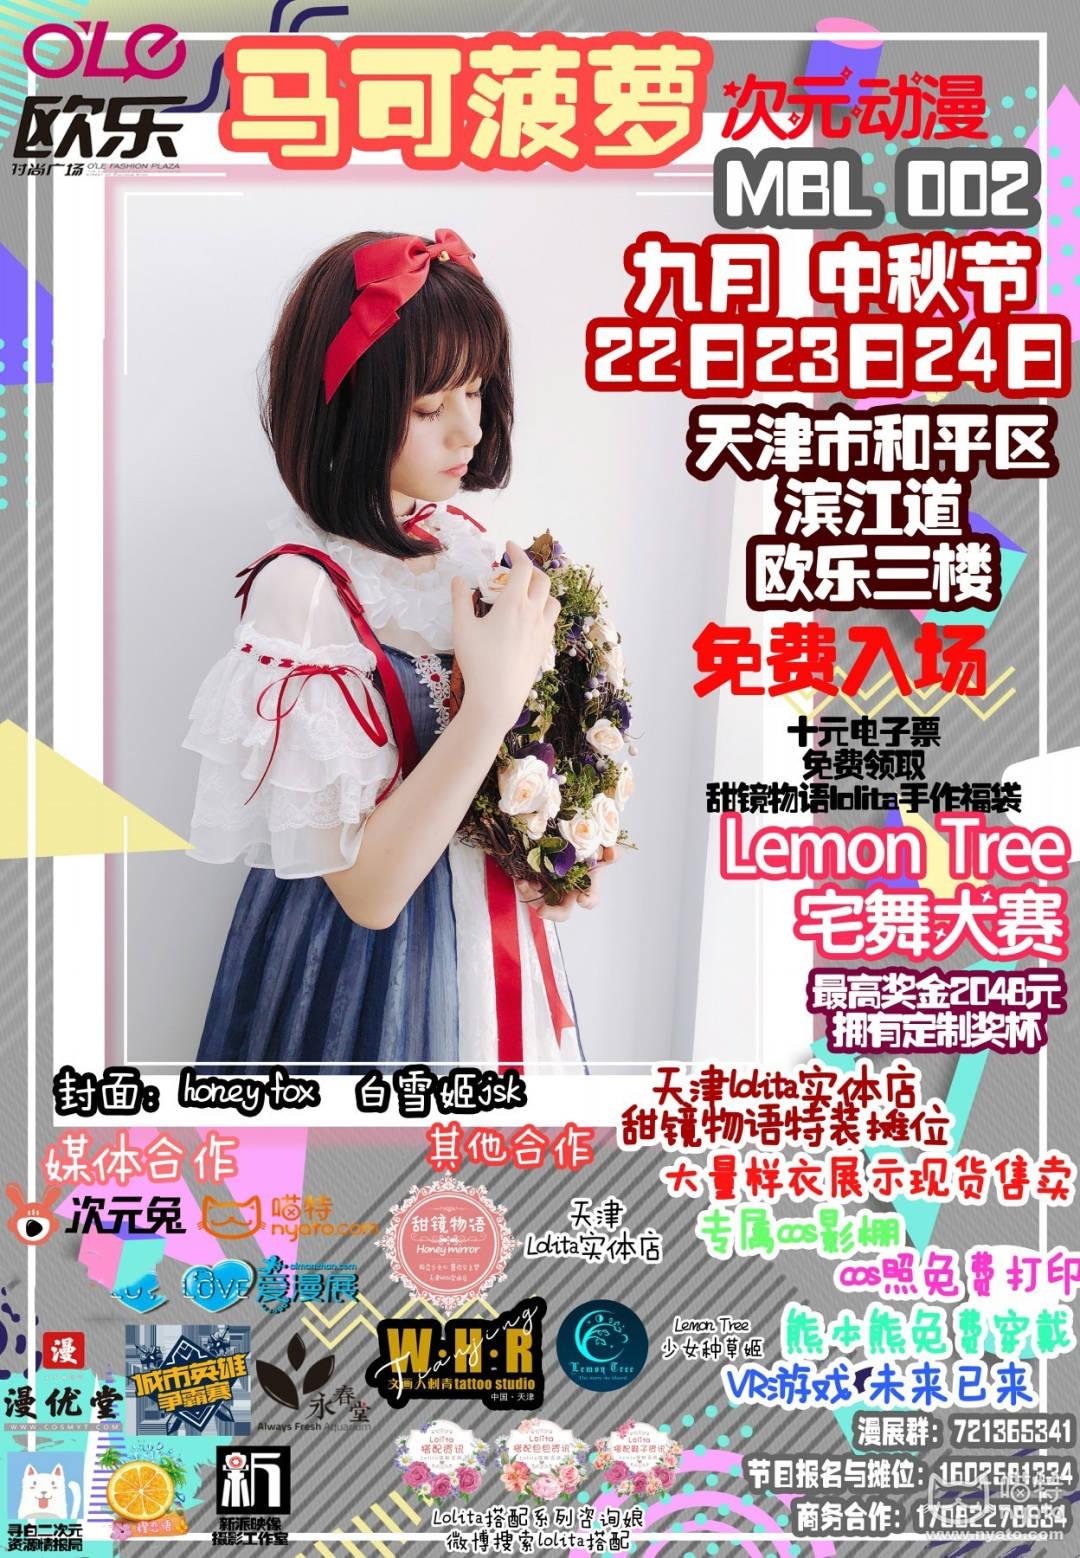 MBL002 二宣海报.jpg